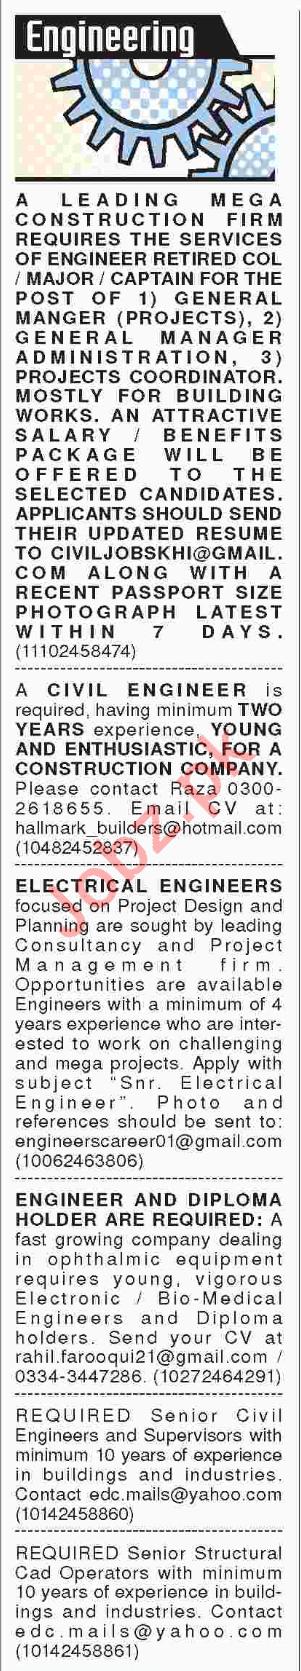 Civil Engineers, Electrical Engineers, CAD Operators Jobs